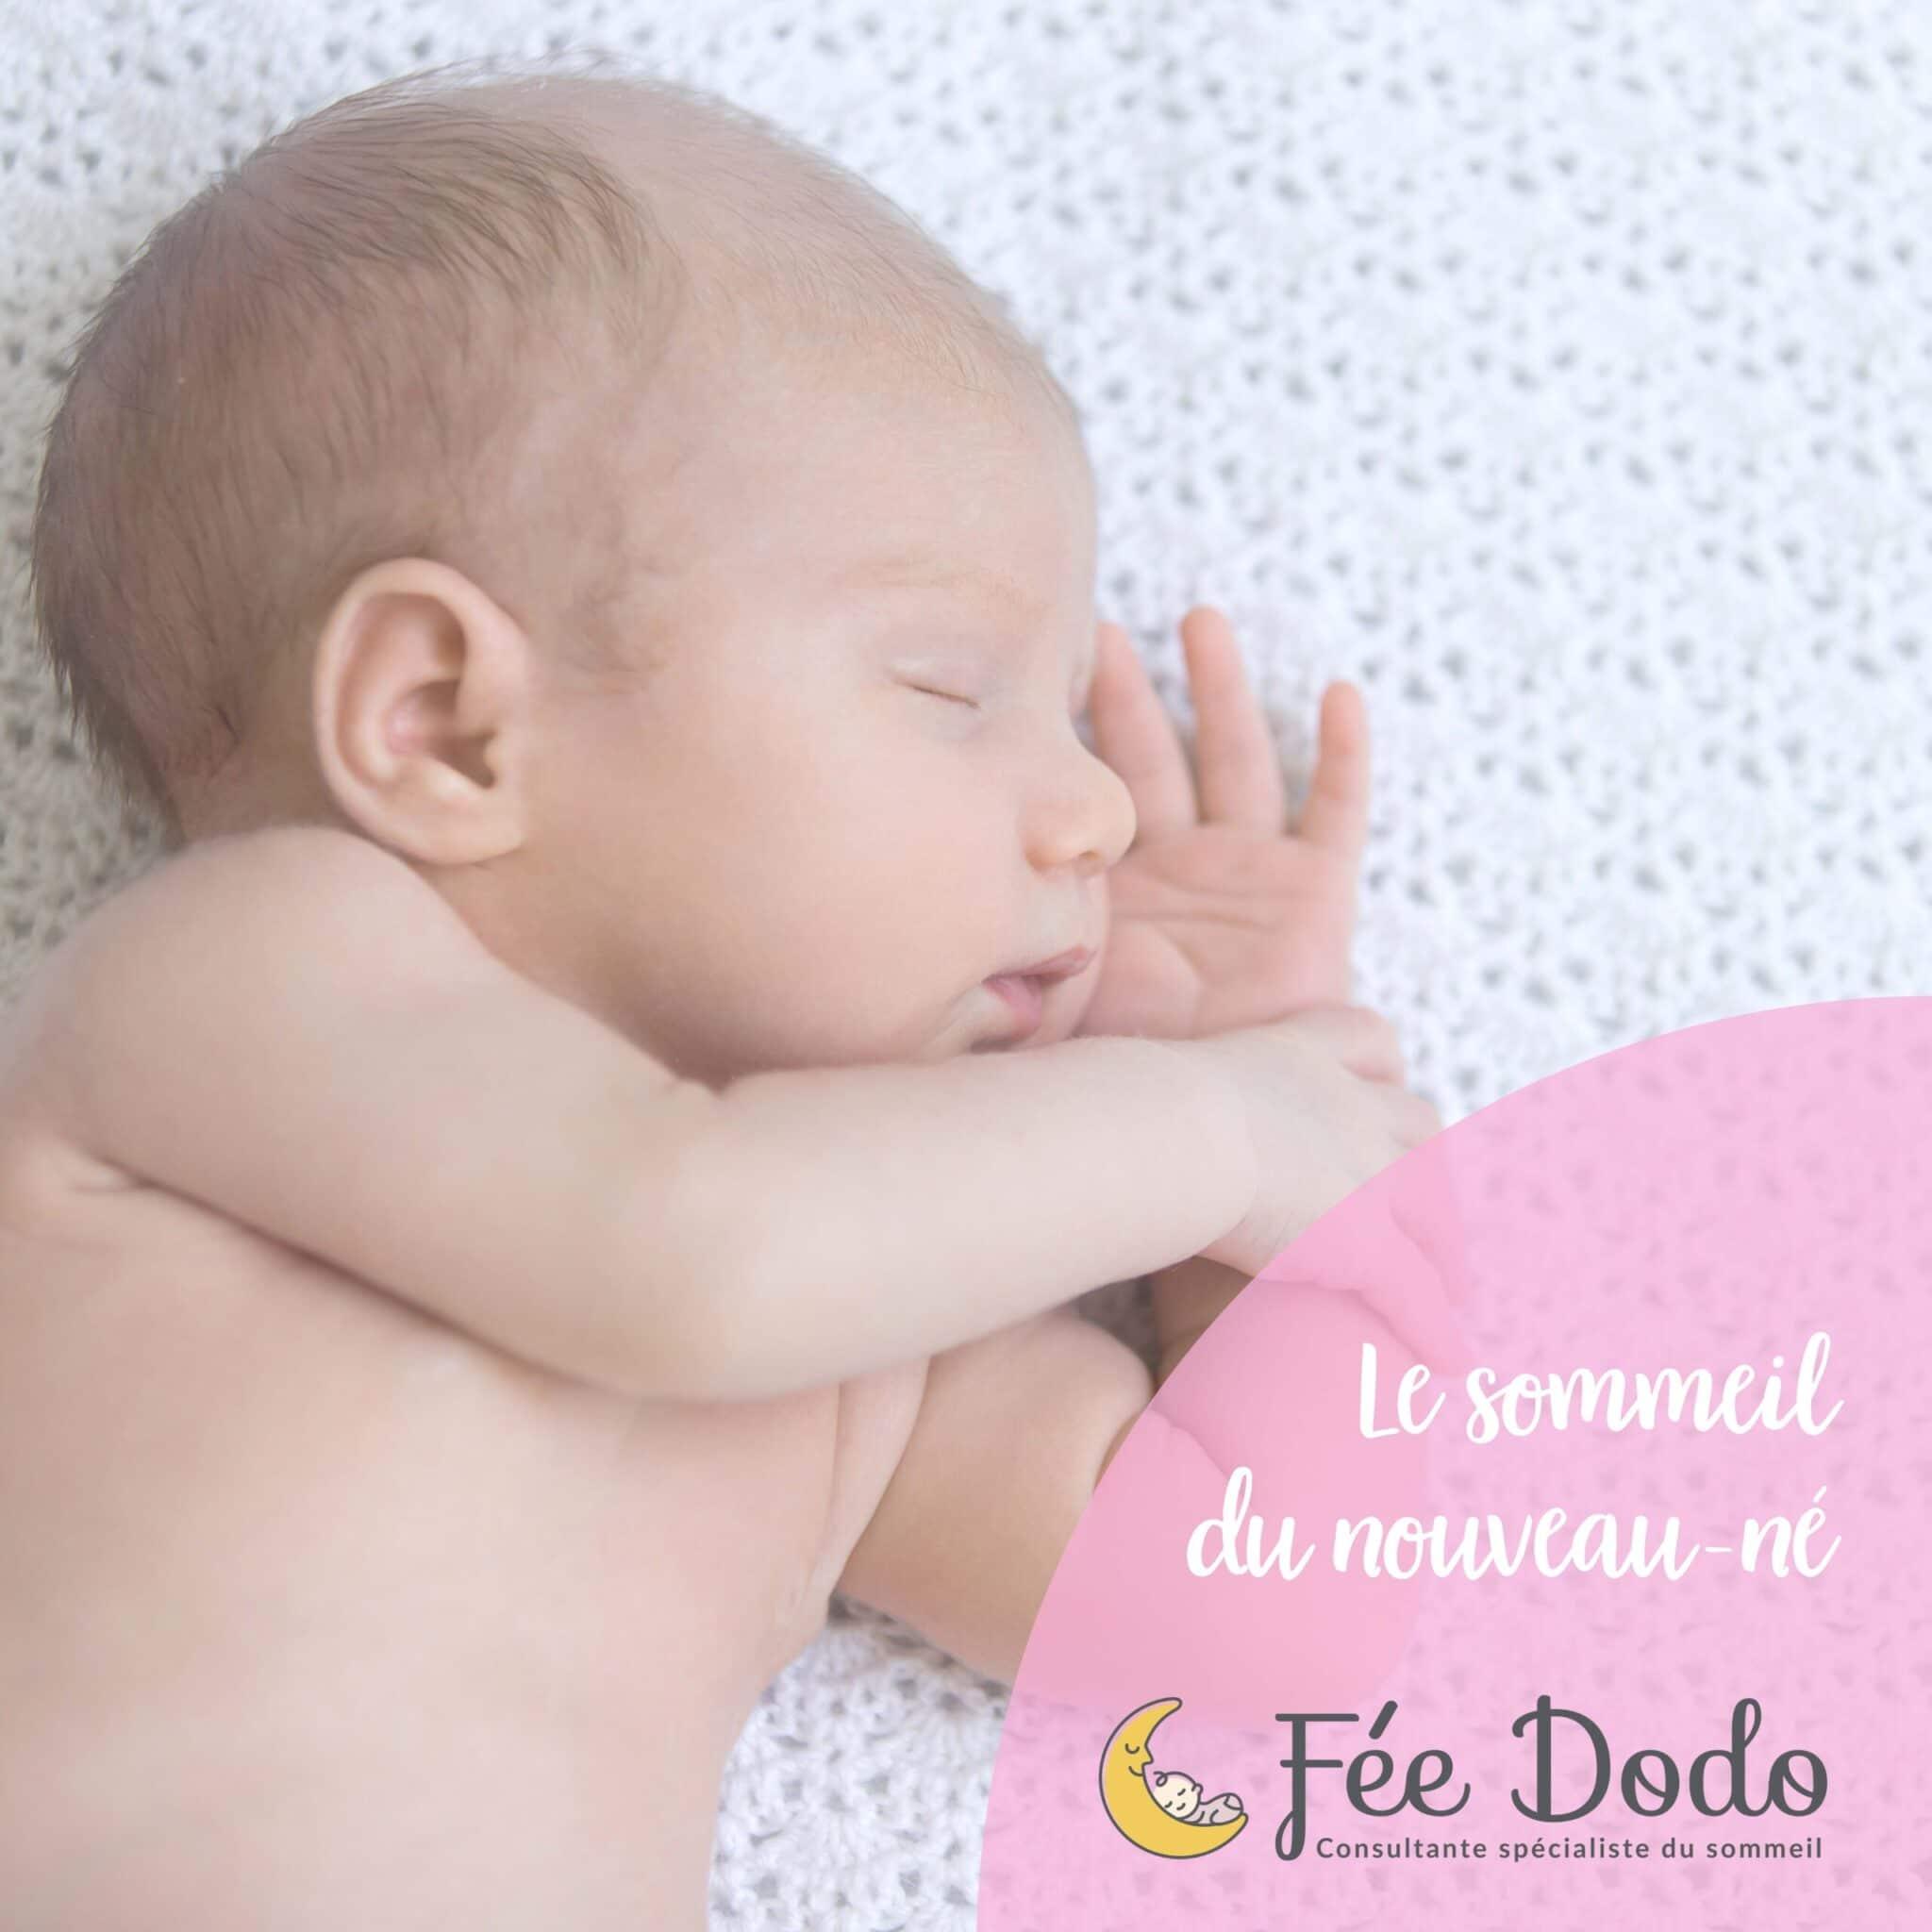 Tout savoir sur le sommeil du nouveau-né